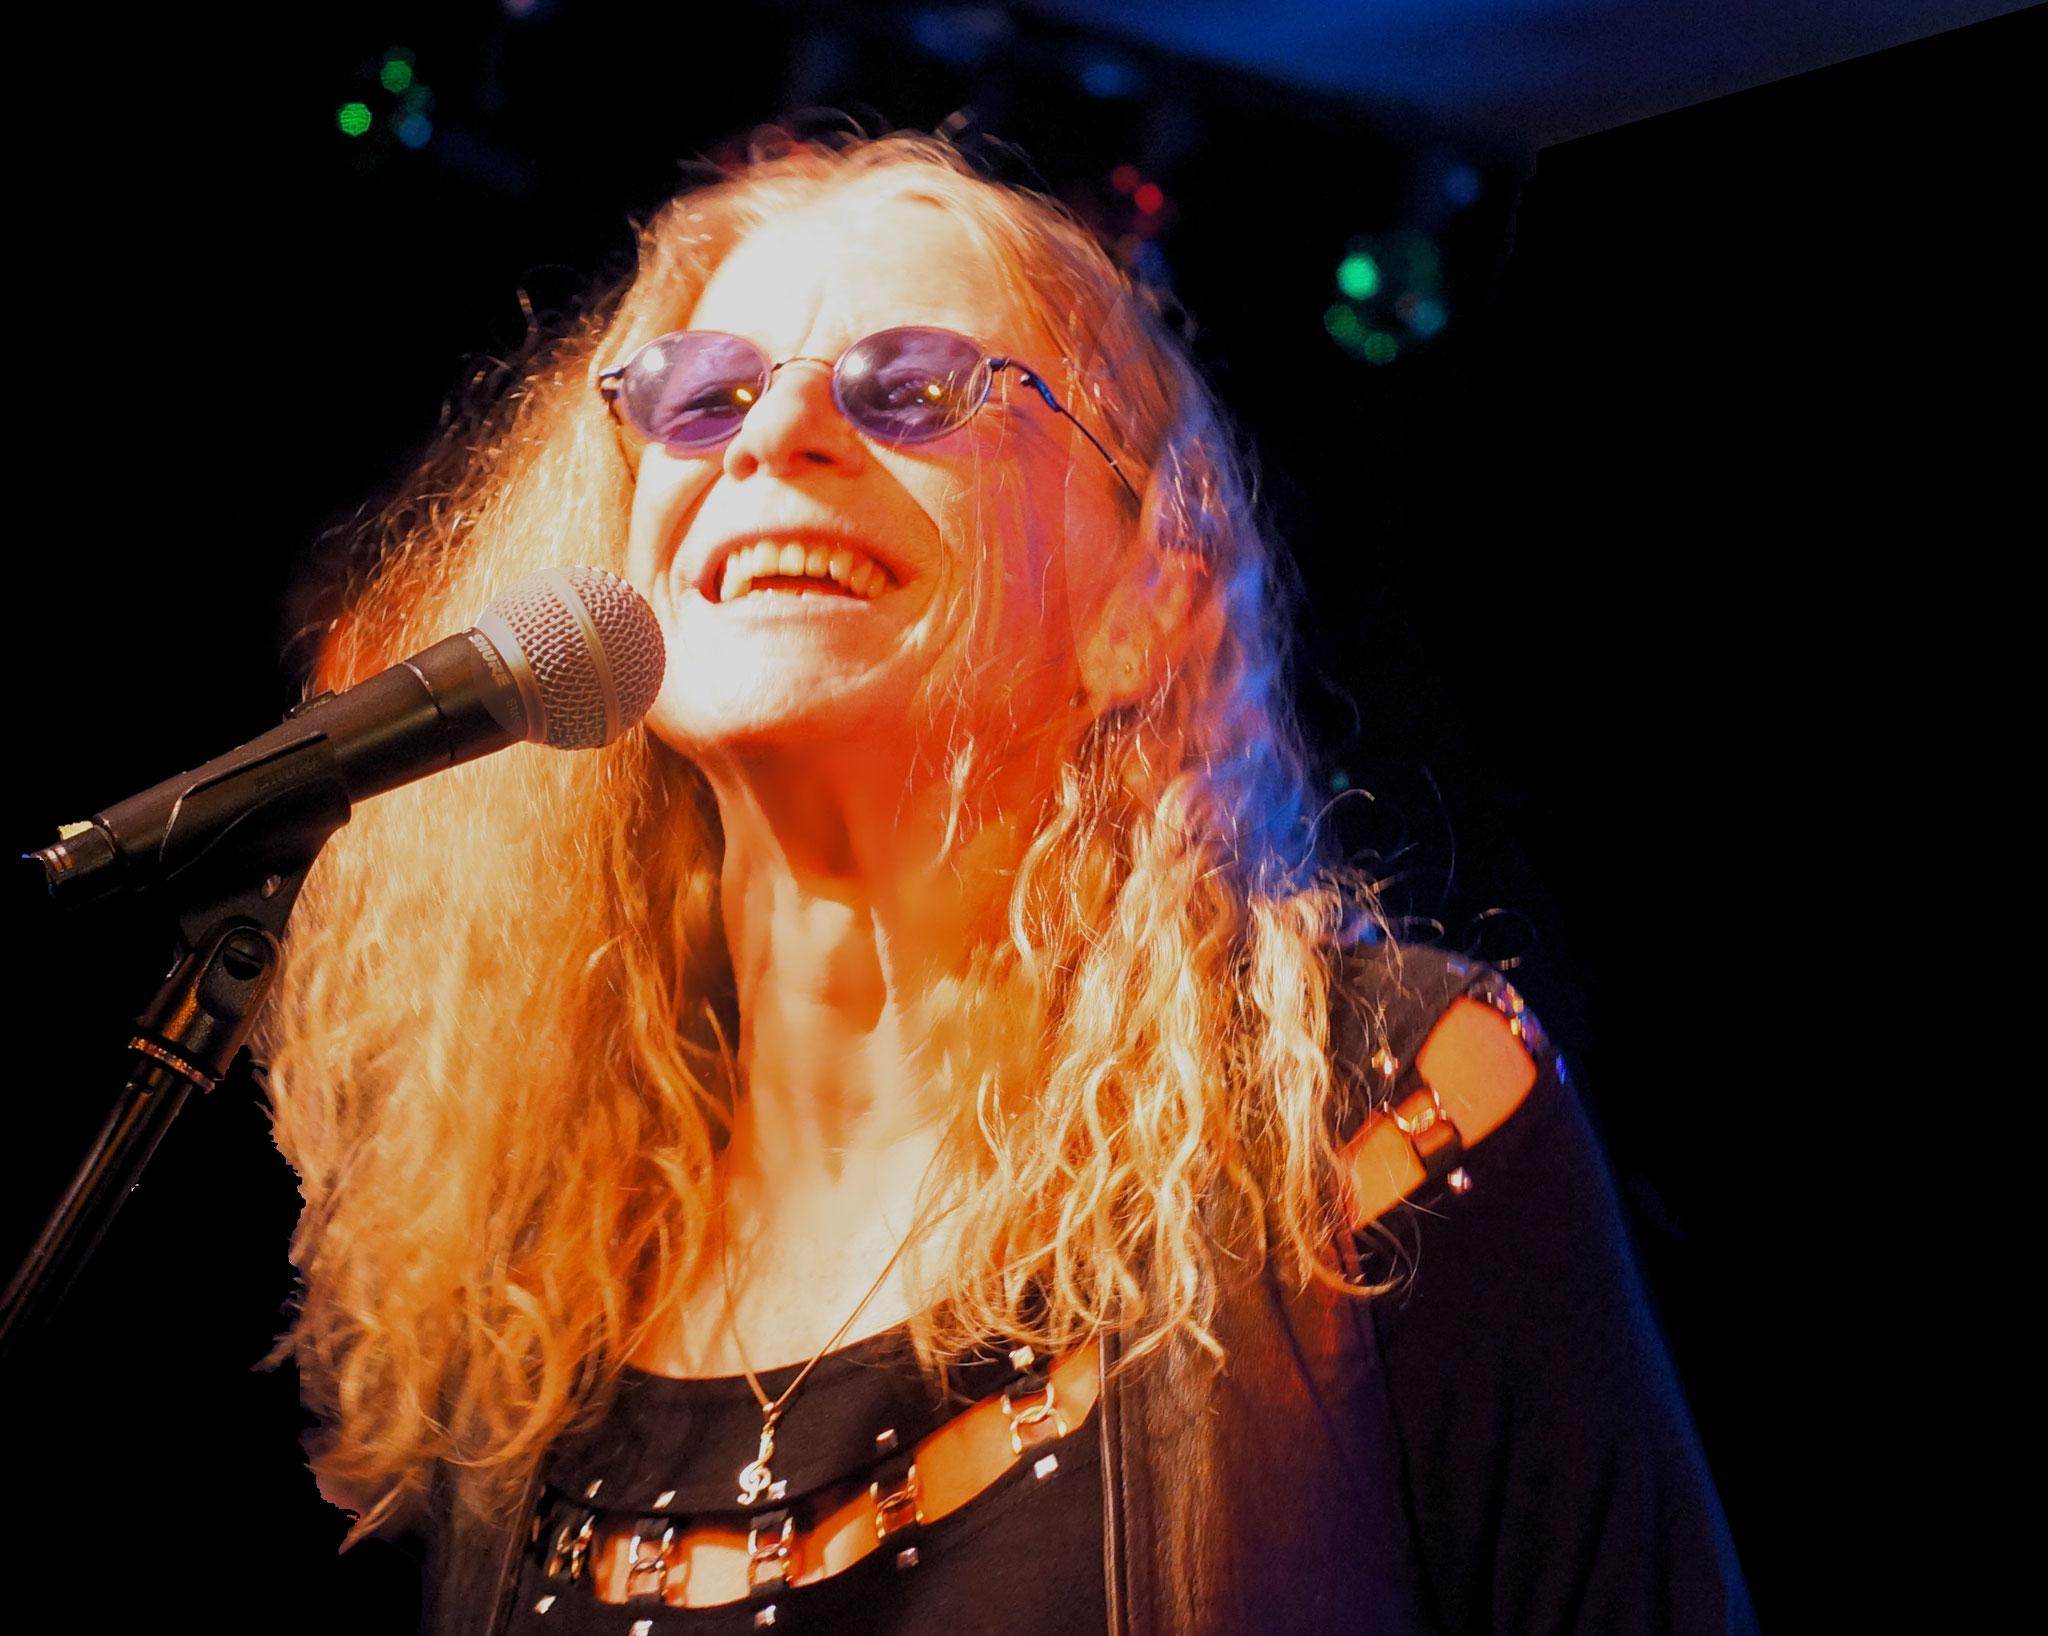 """... Als Vorband tritt die Janis-Joplin-Tribute-Band """"Bluewater"""" auf. Eintritt 34 €, Festivalticket für Fr/Sa: 50 €. Ort: Biesdorfer Parkbühne, Nordpromenade 5."""